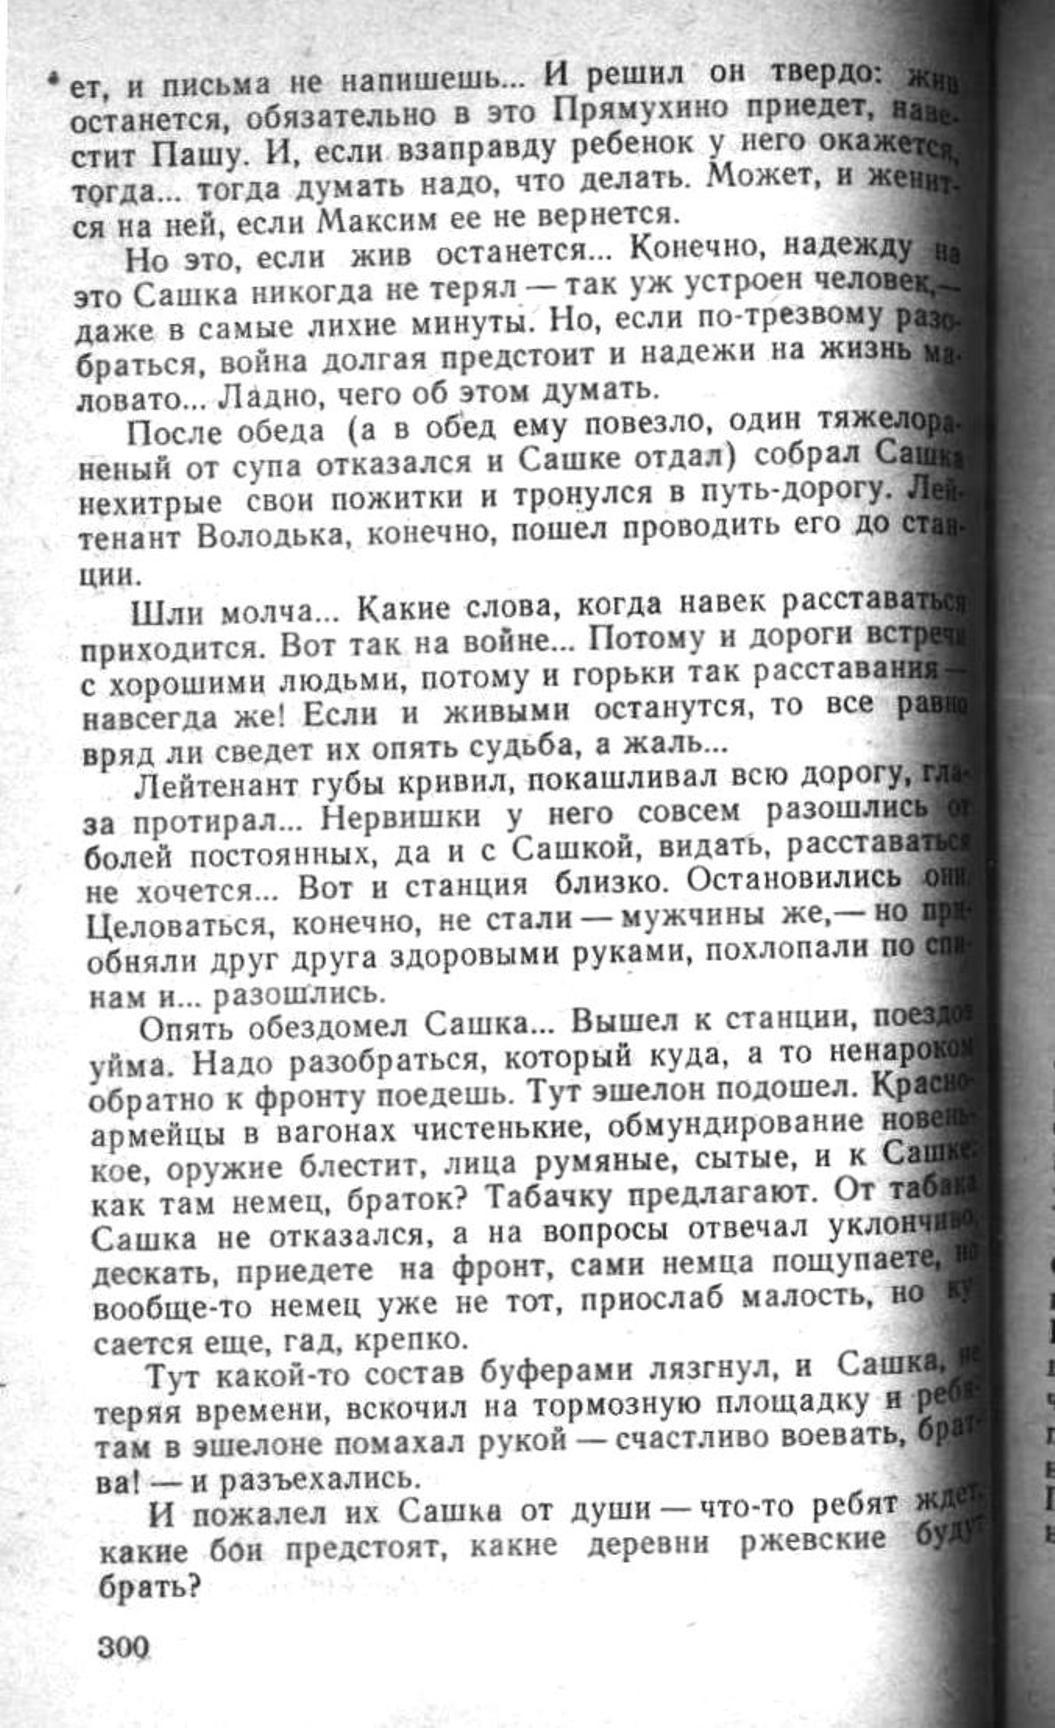 Сашка. Повесть. Вячеслав Кондратьев. 019. 003